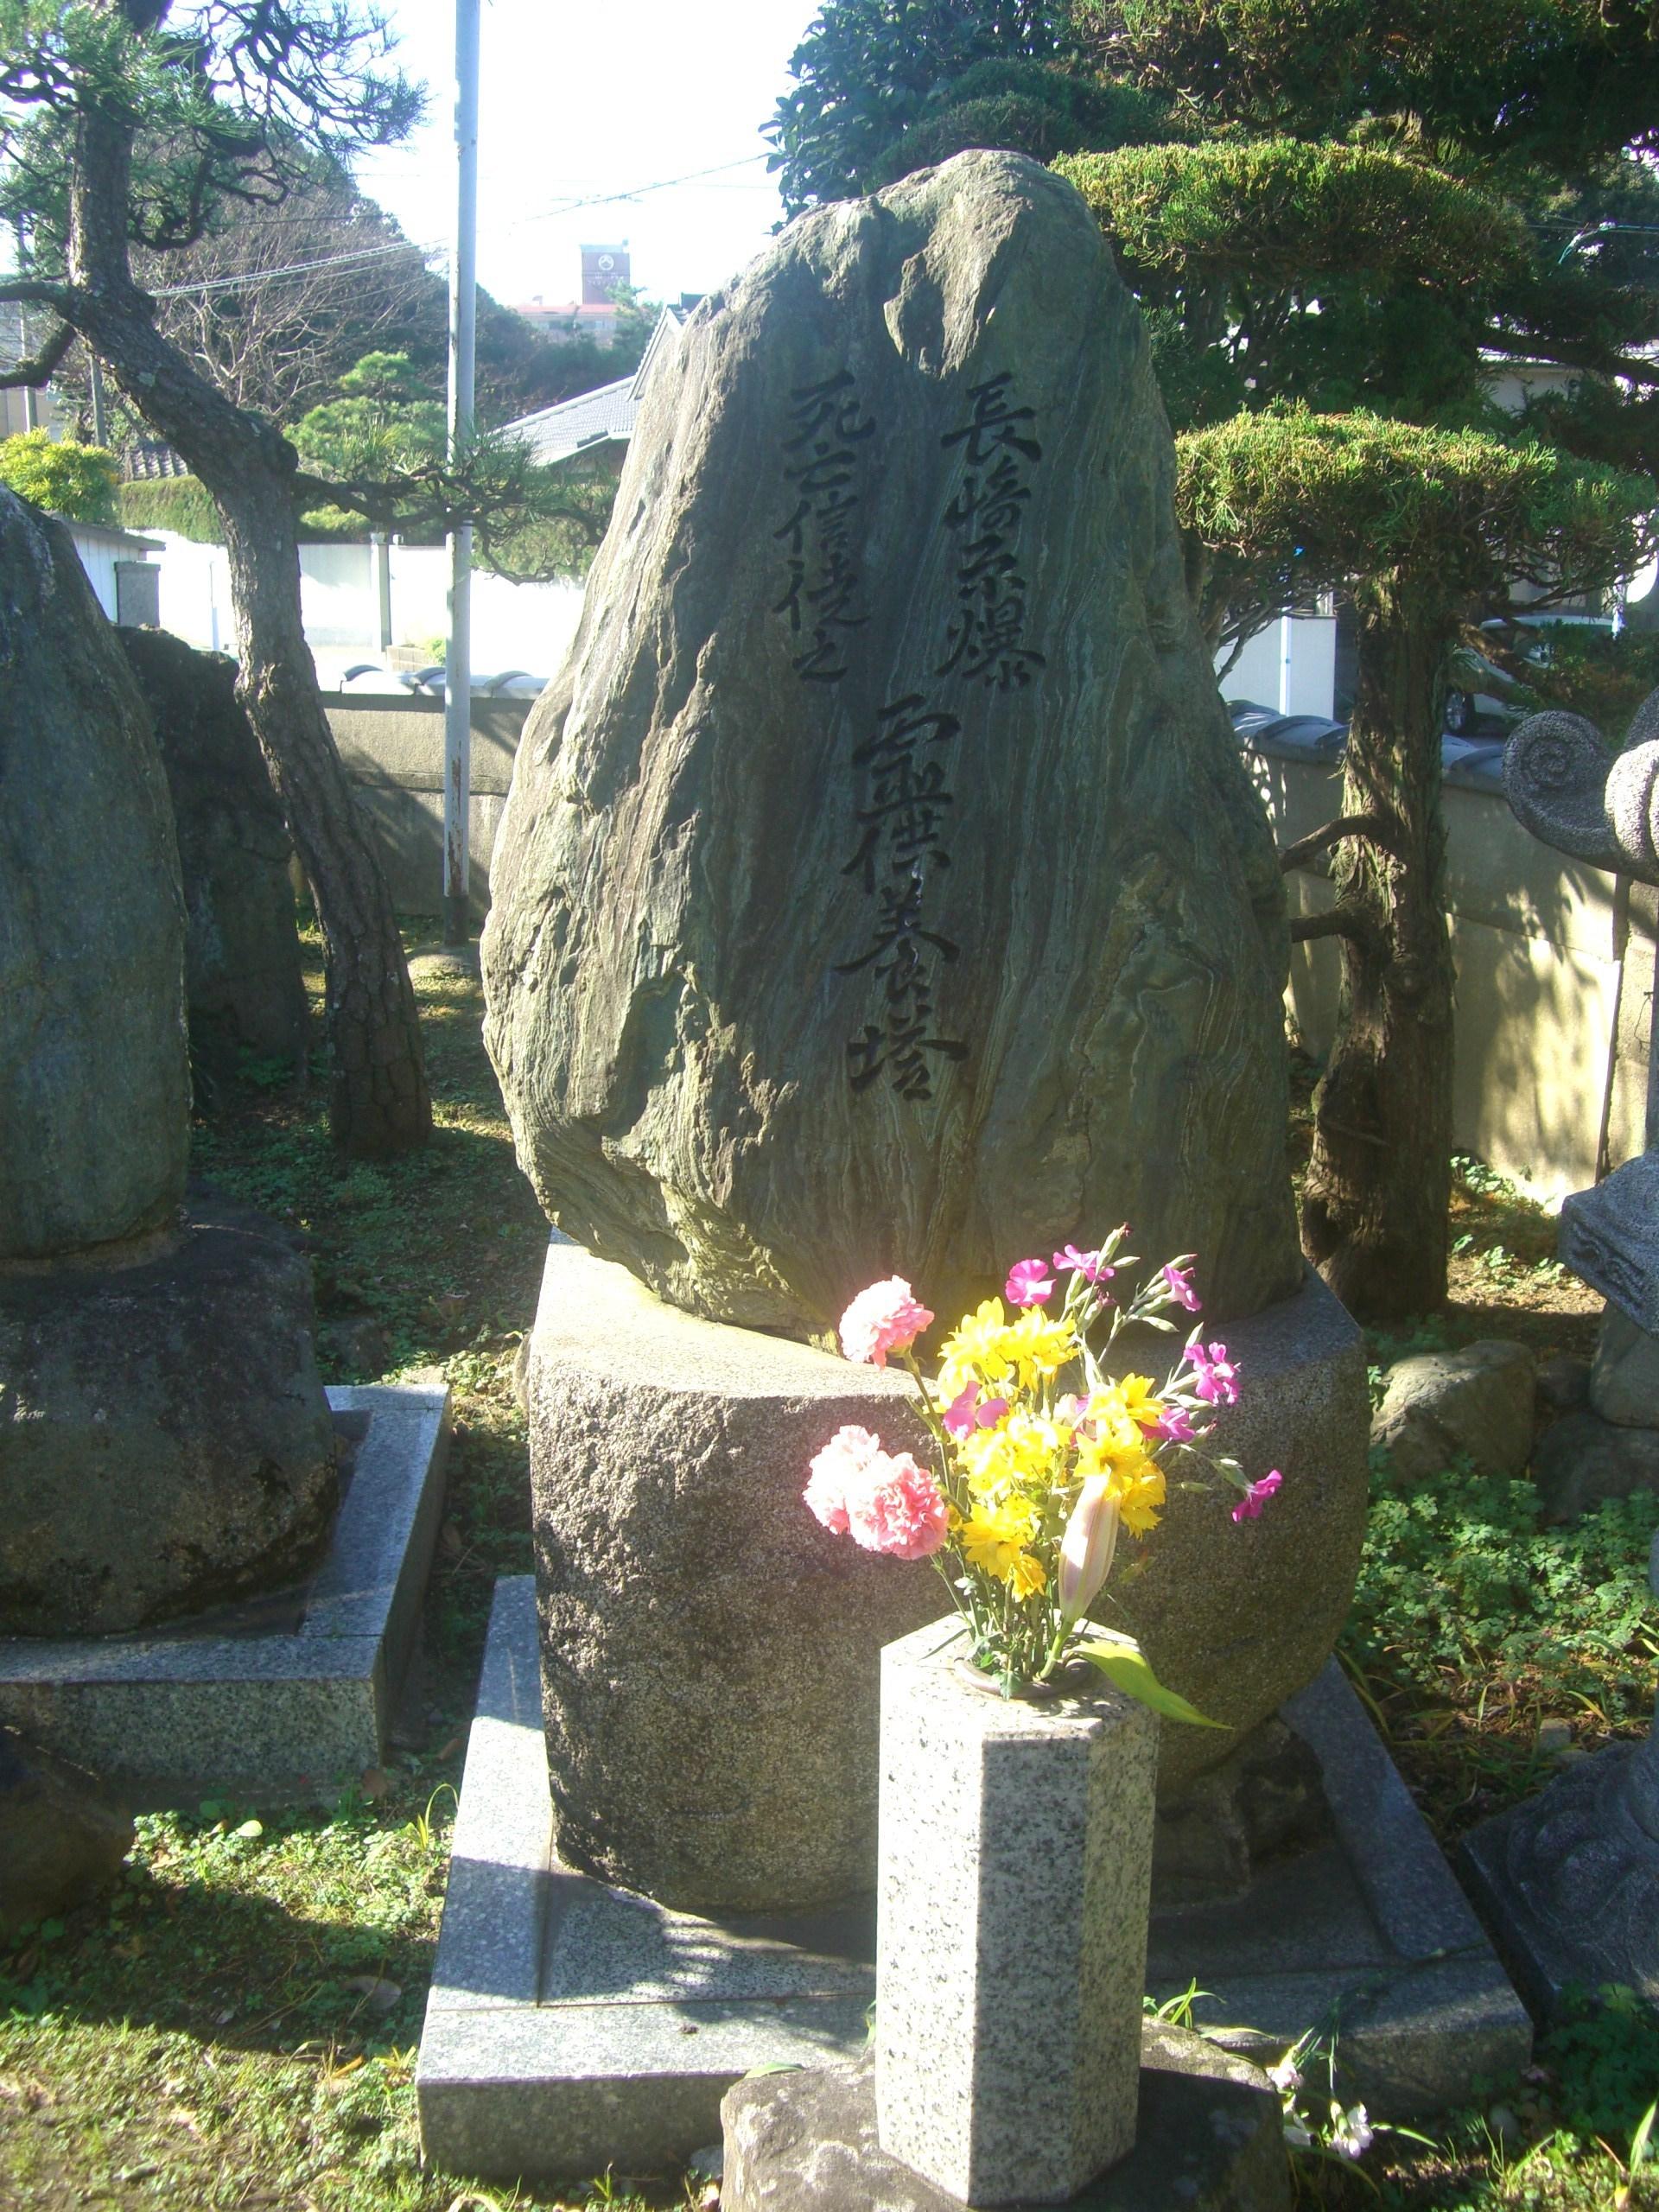 原爆投下予定地は長崎ではなく、小倉だった?!